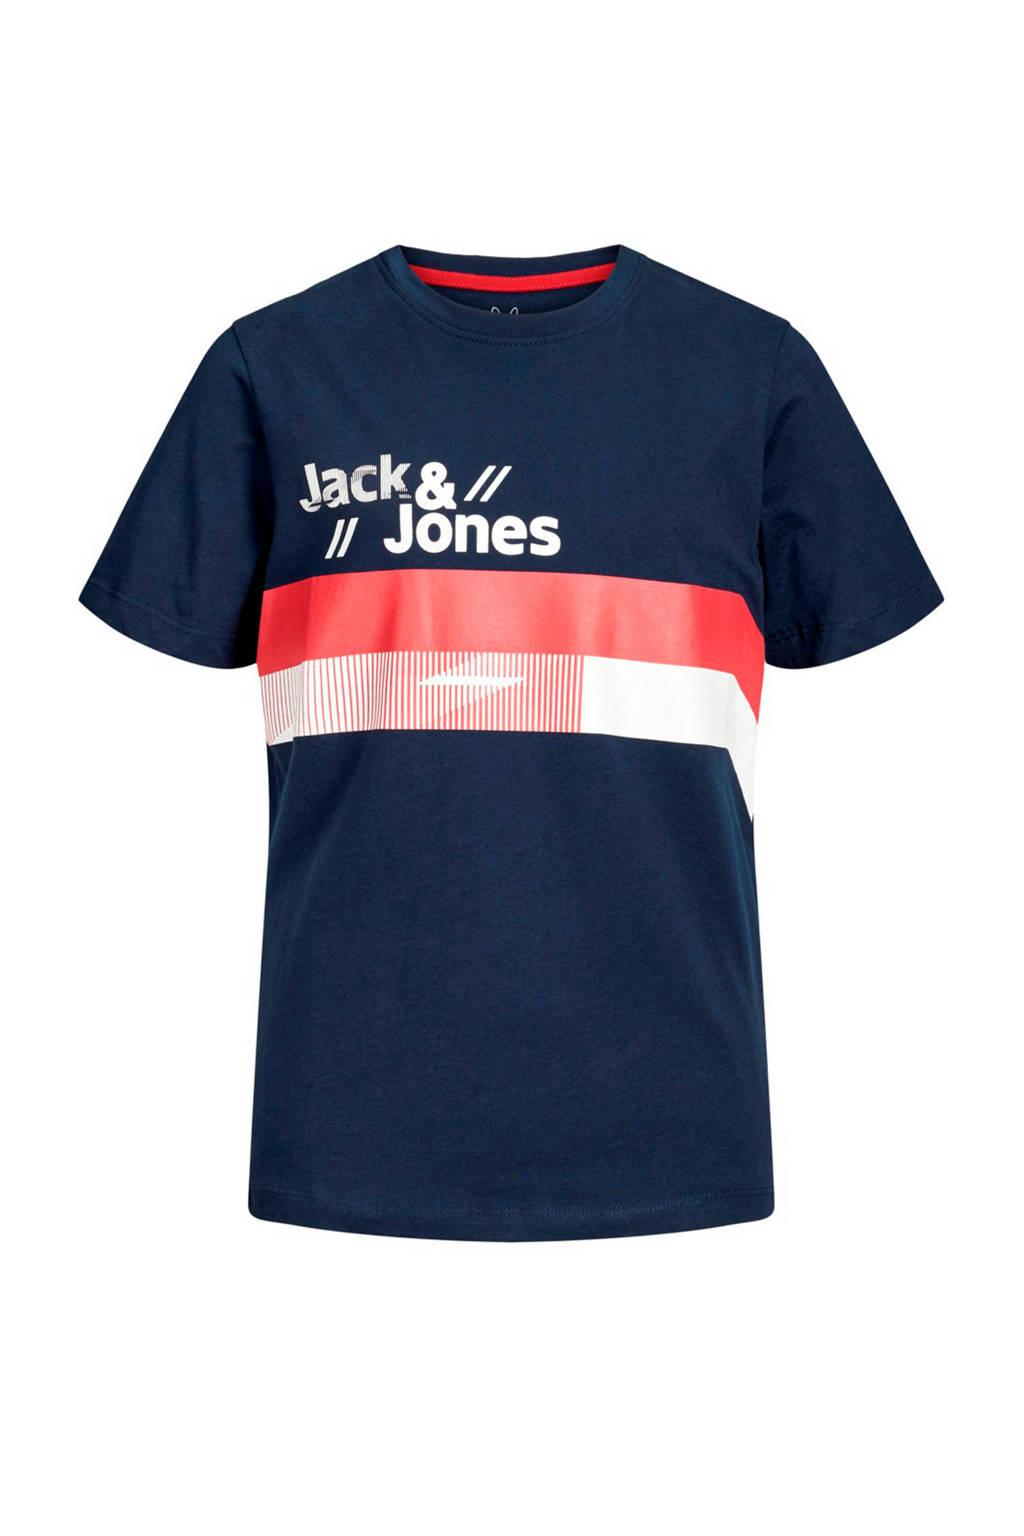 Jack & Jones Junior T-shirt Stairs met korte mouwen marine, Marine